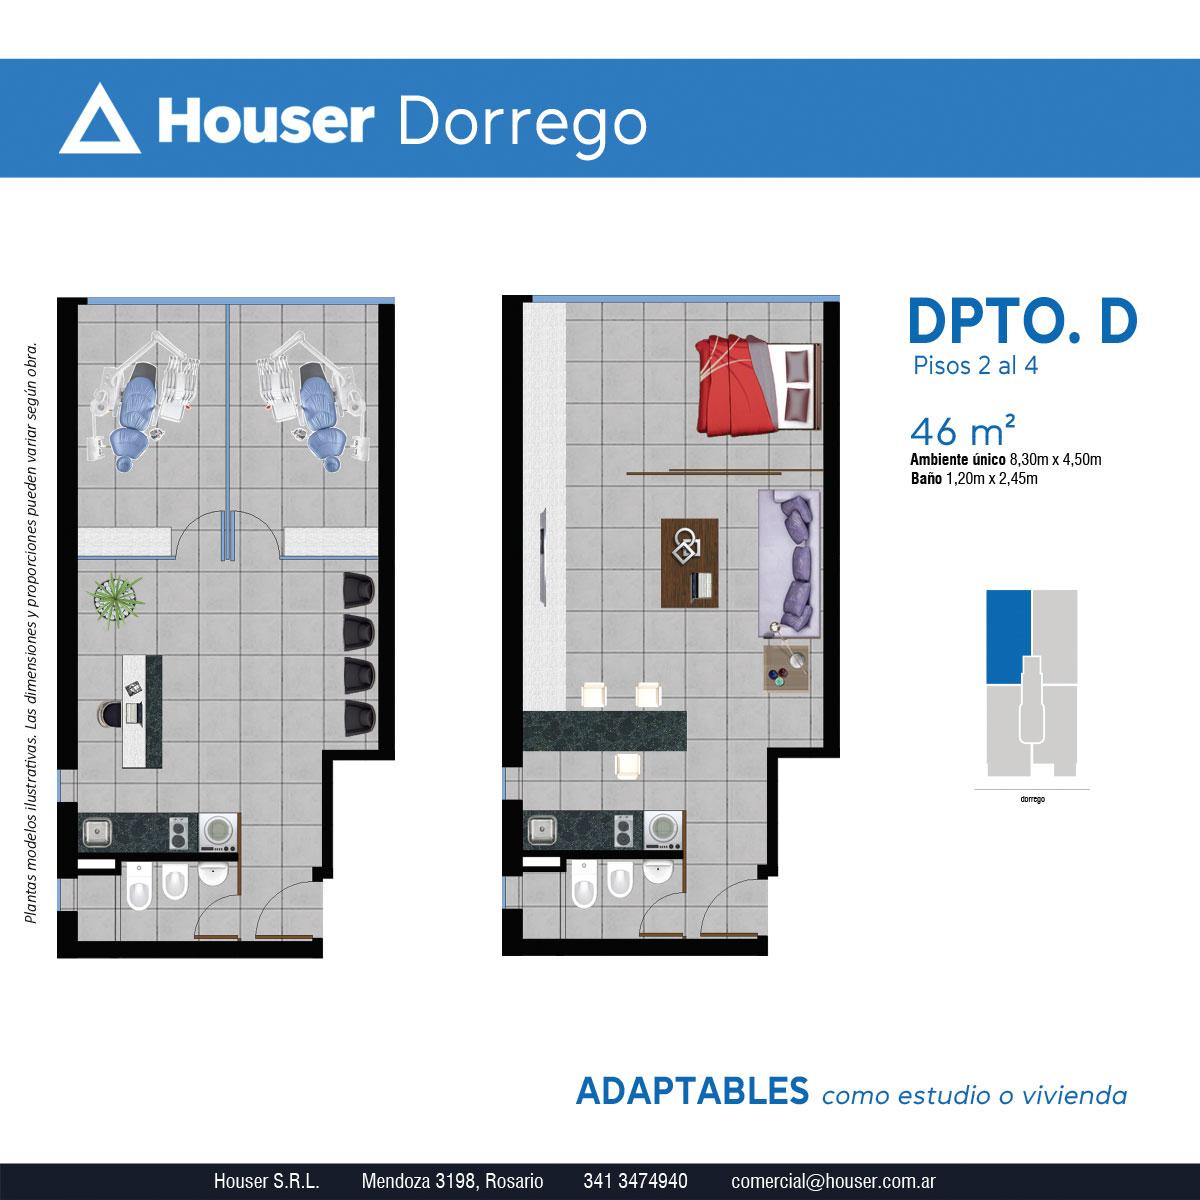 Plantas Houser Dorrego - Departamento D Pisos 2 a 4